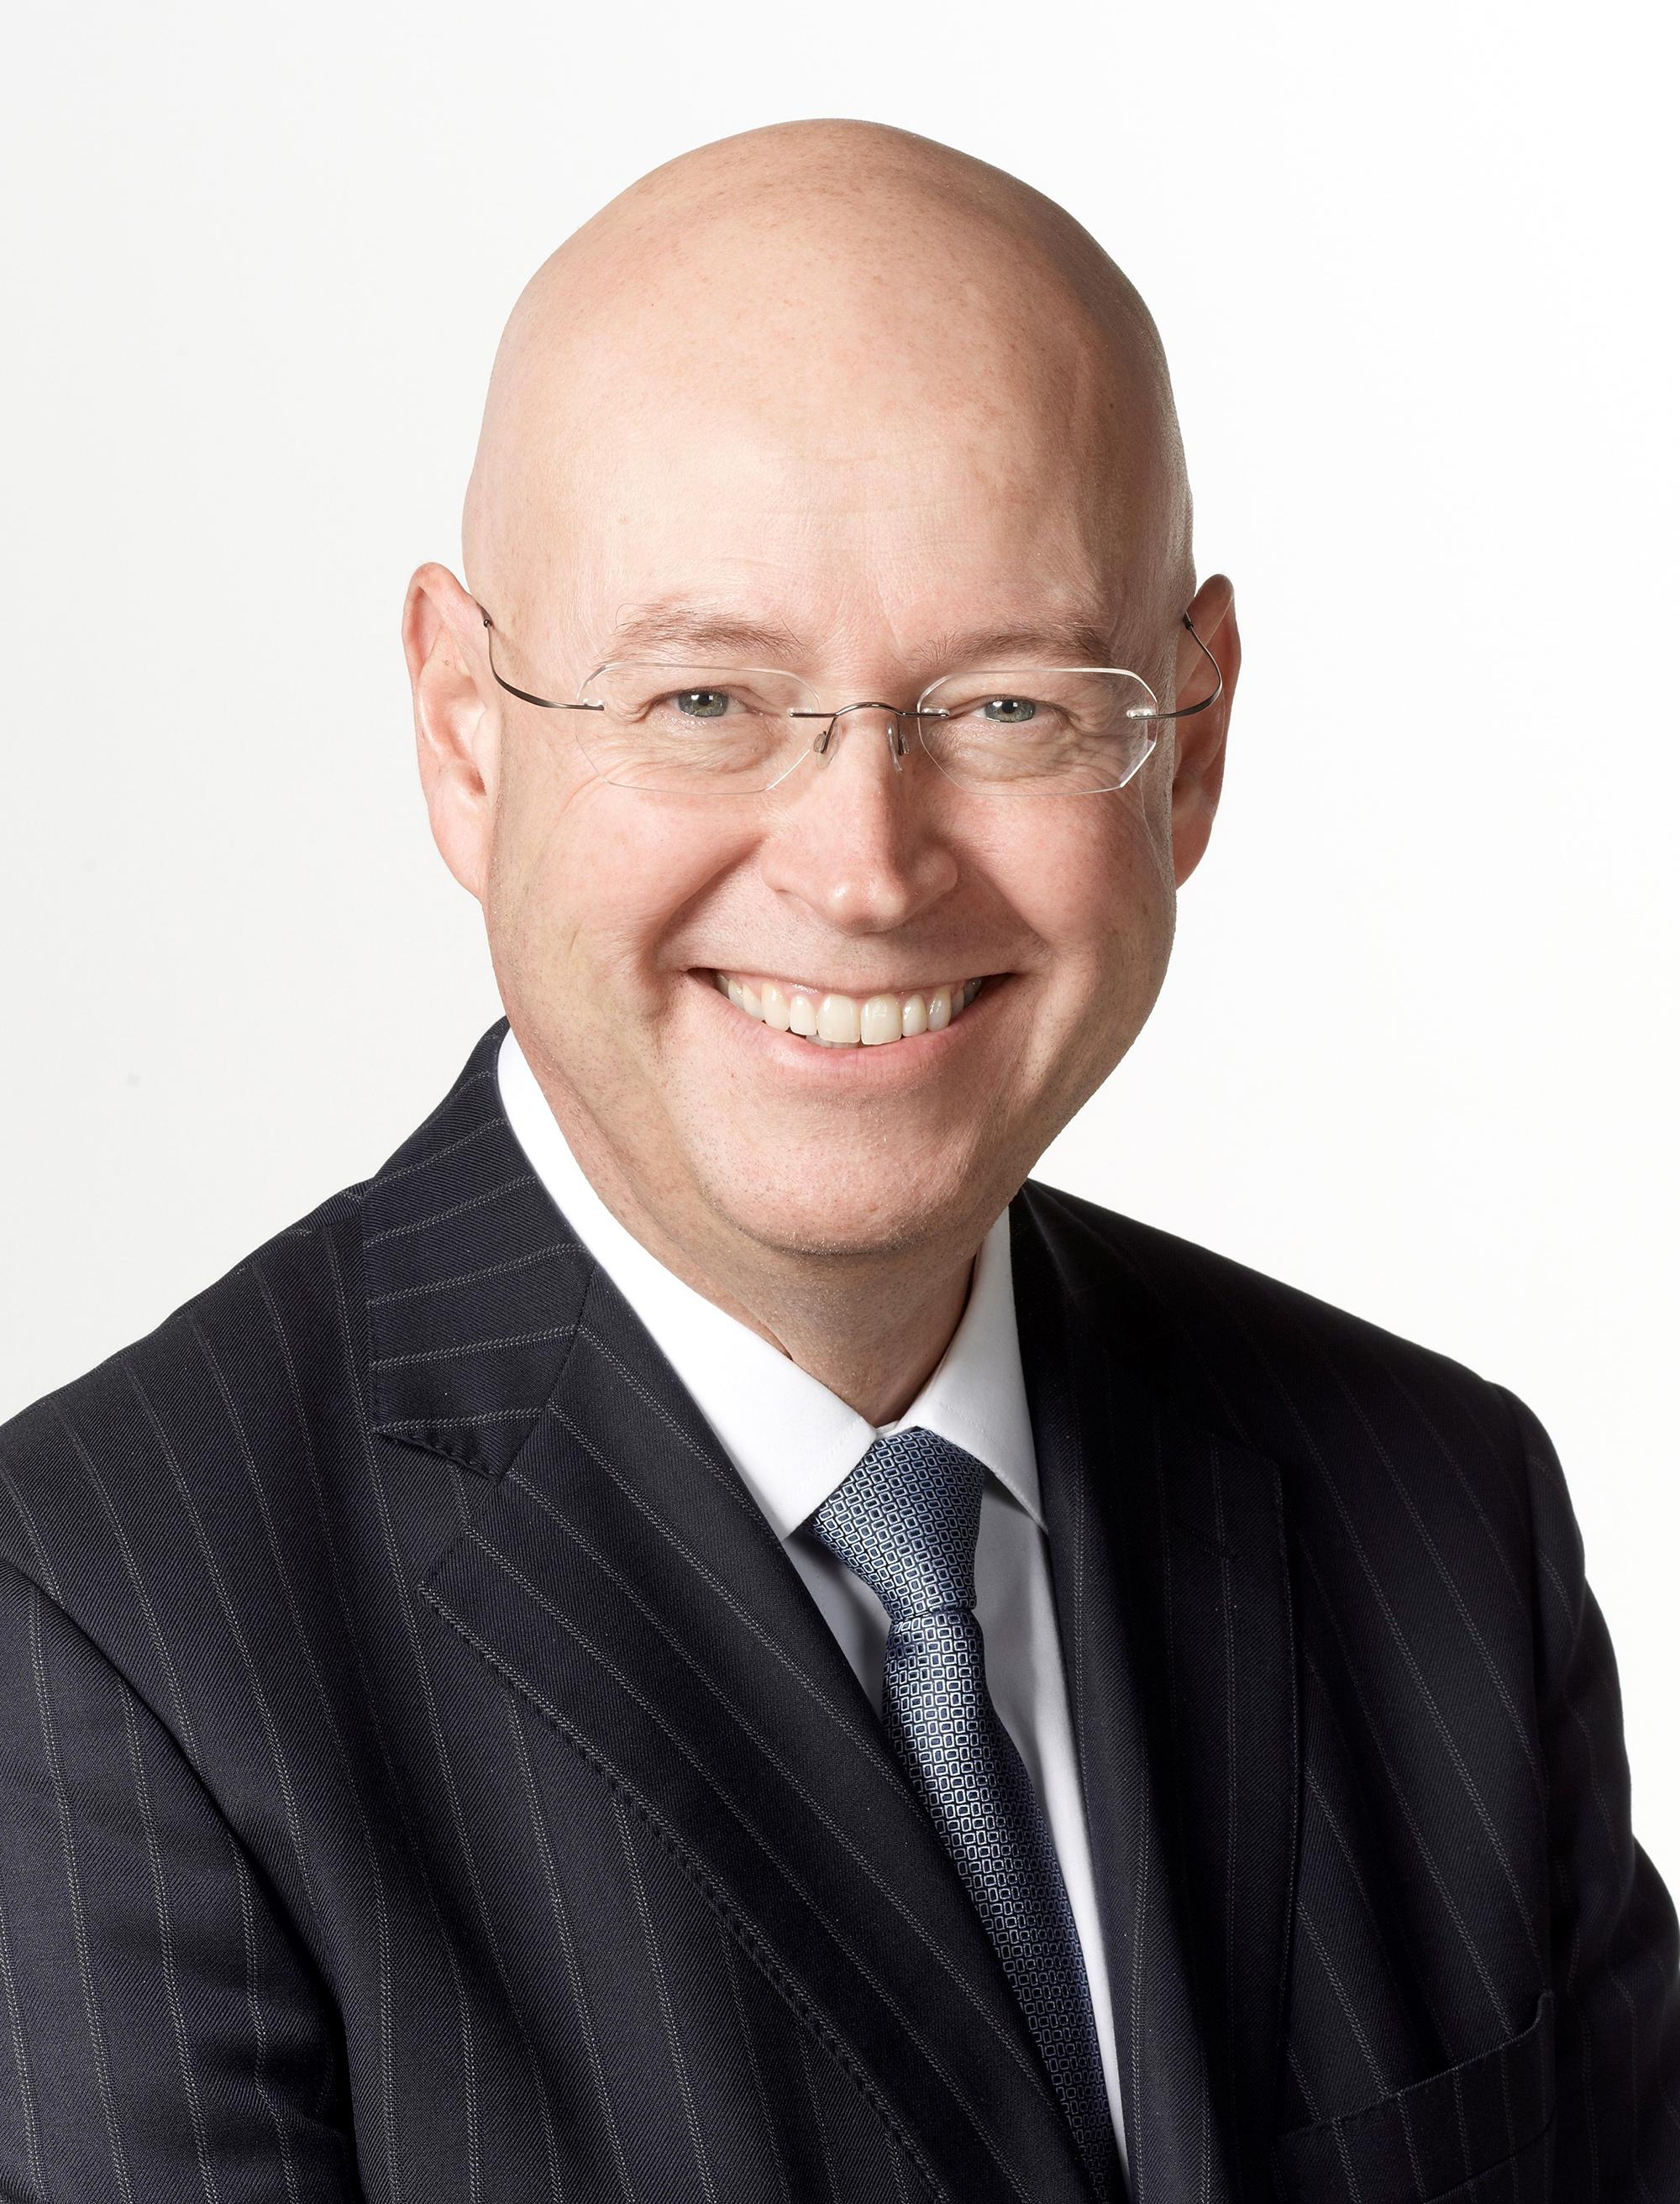 Timo Veromaa